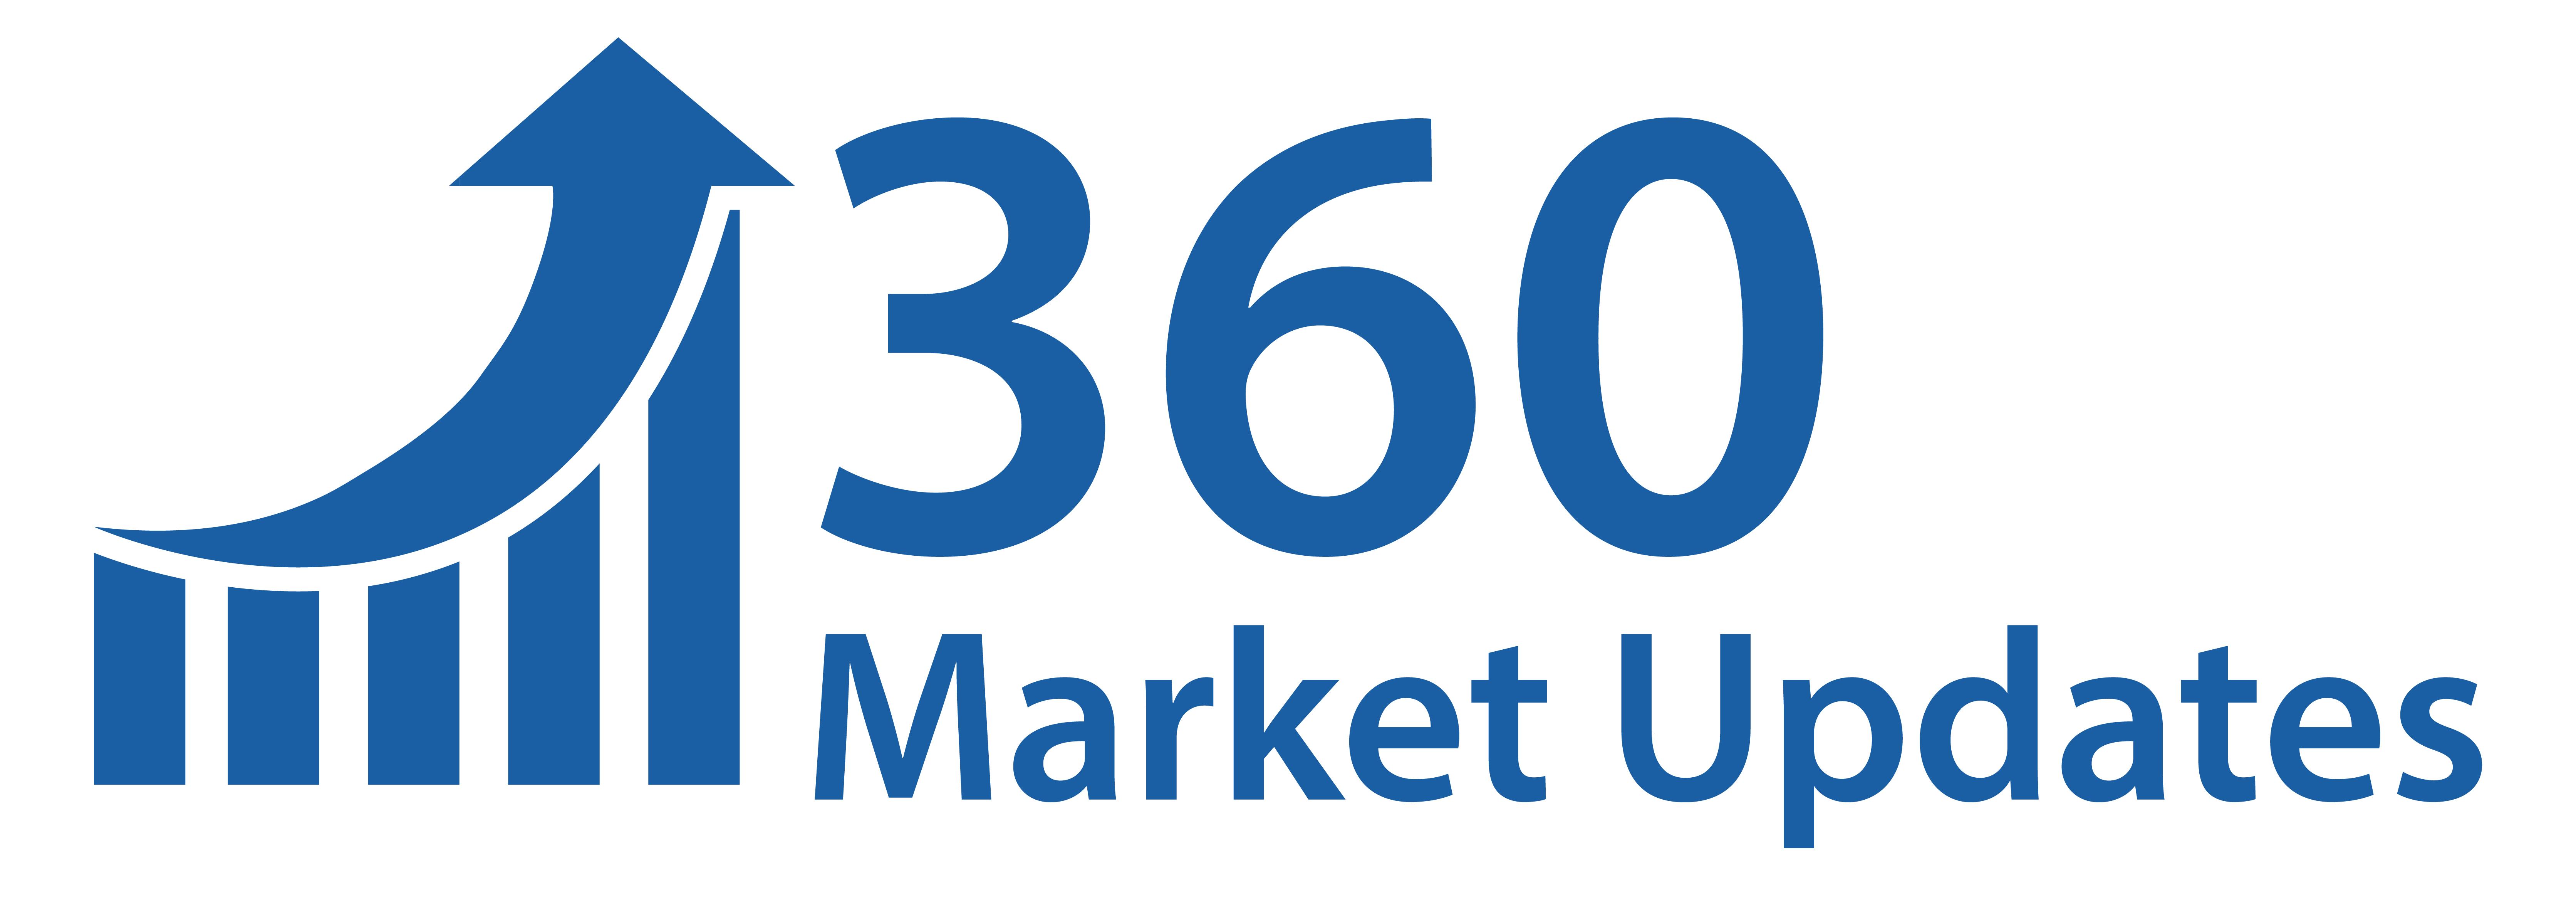 Bridal Gowns Market 2019, Análisis Global de la Industria, Tamaño, Acciones, Crecimiento, Tendencias y Pronóstico – 2023